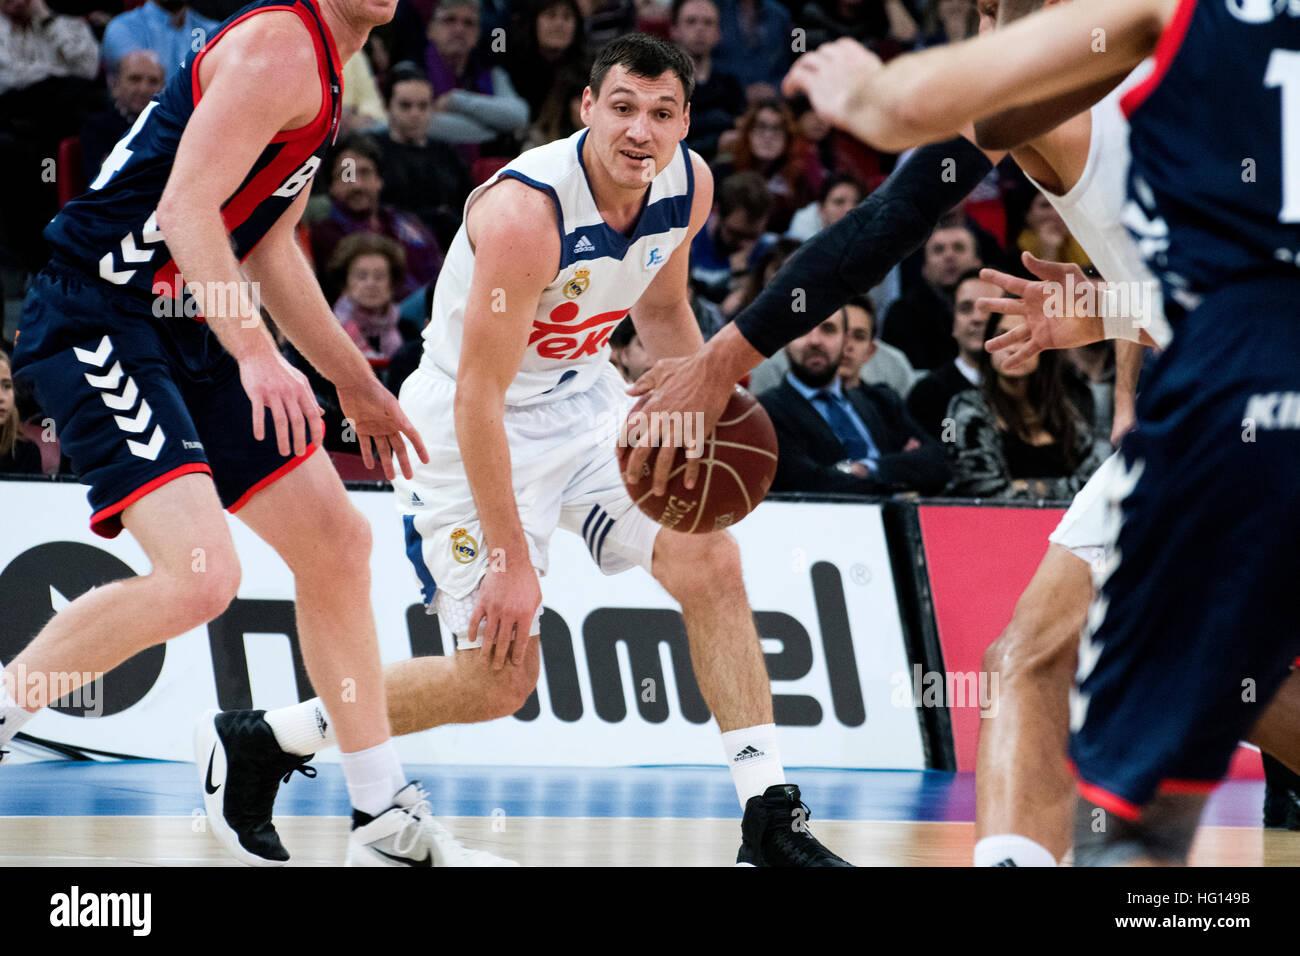 Vitoria, España. El 3 de enero, 2017. Jonas Maciulis (Real Madrid) en acción durante el partido de baloncesto Imagen De Stock